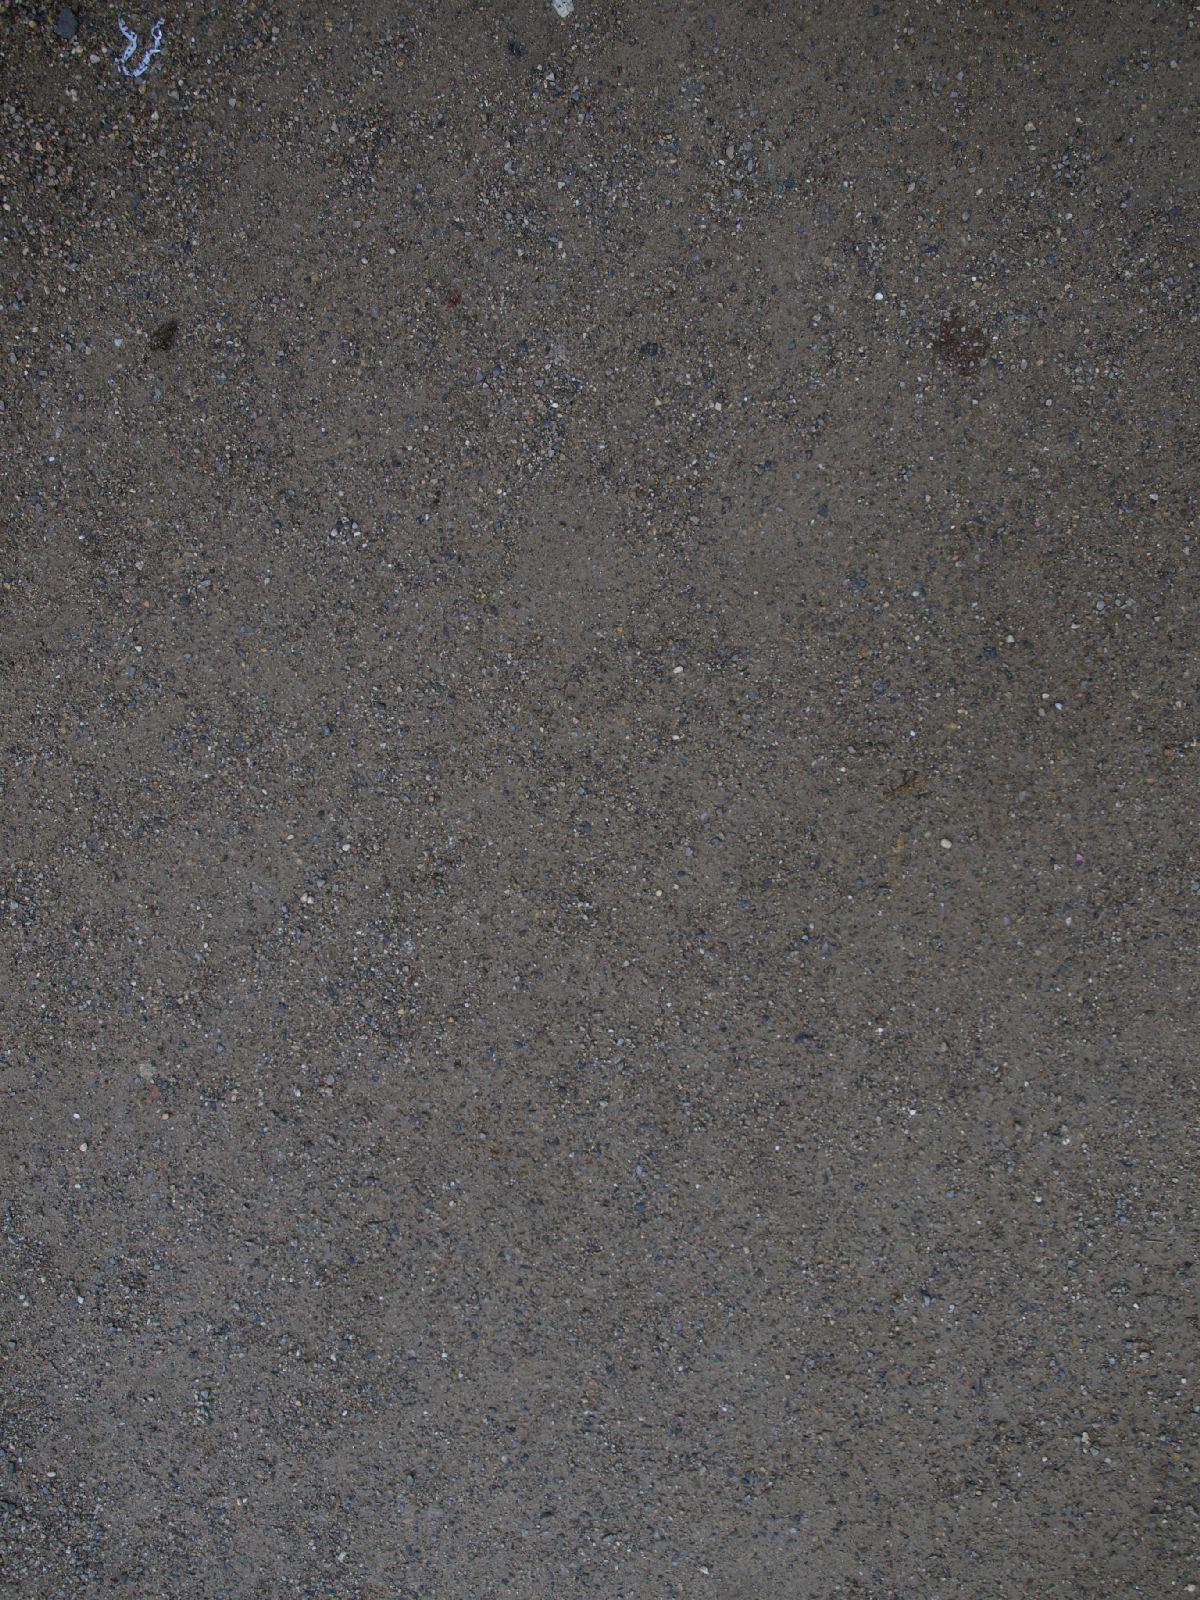 Boden-Gehweg-Strasse-Buergersteig-Textur_A_P4131180